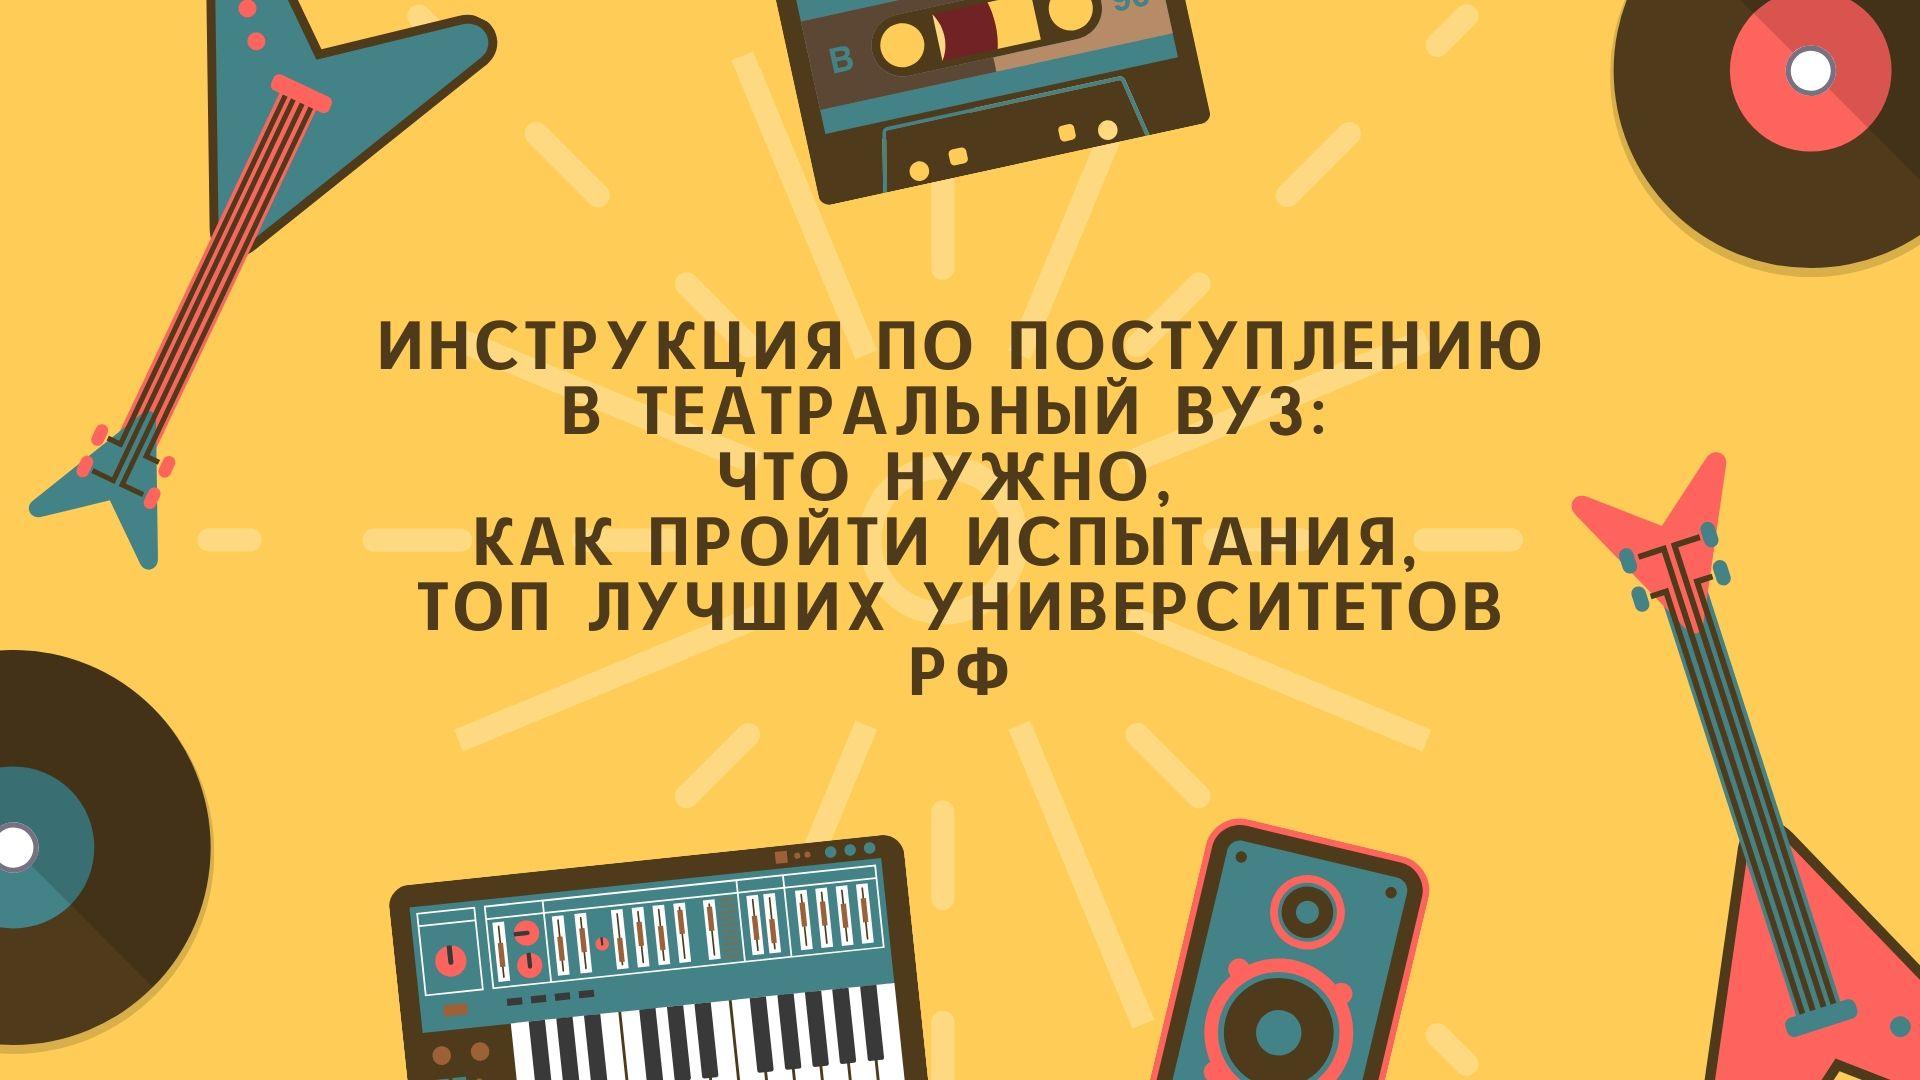 Инструкция по поступлению в театральный ВУЗ: что нужно, как пройти испытания, топ лучших университетов РФ